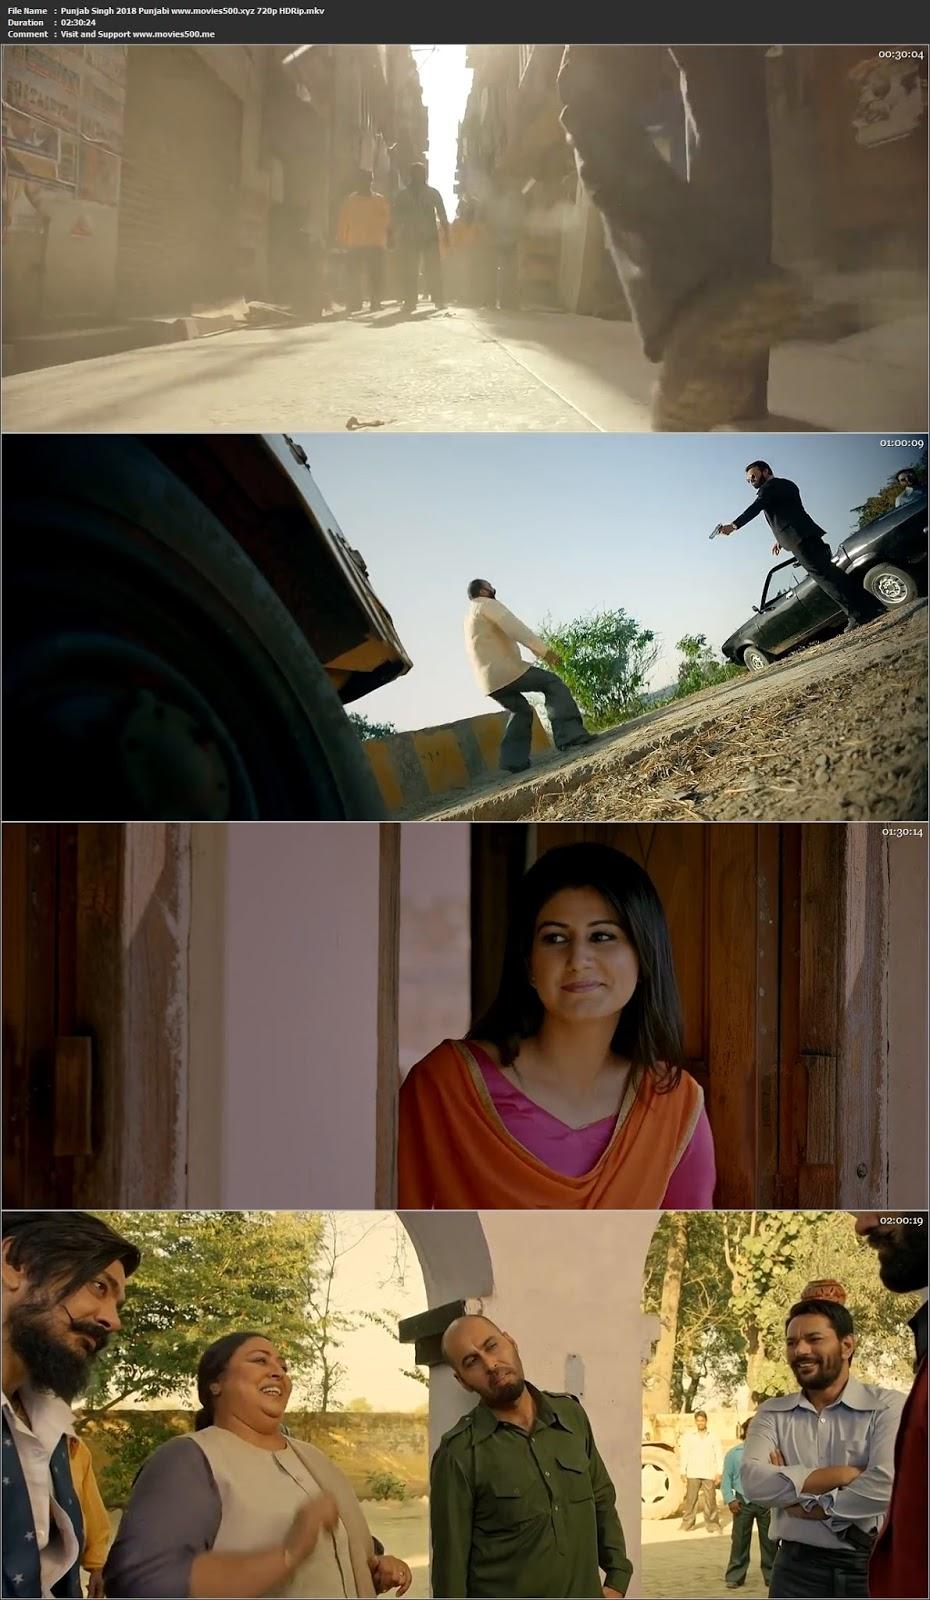 Punjab Singh 2018 Punjabi Full Movie HDRip 720p at movies500.site